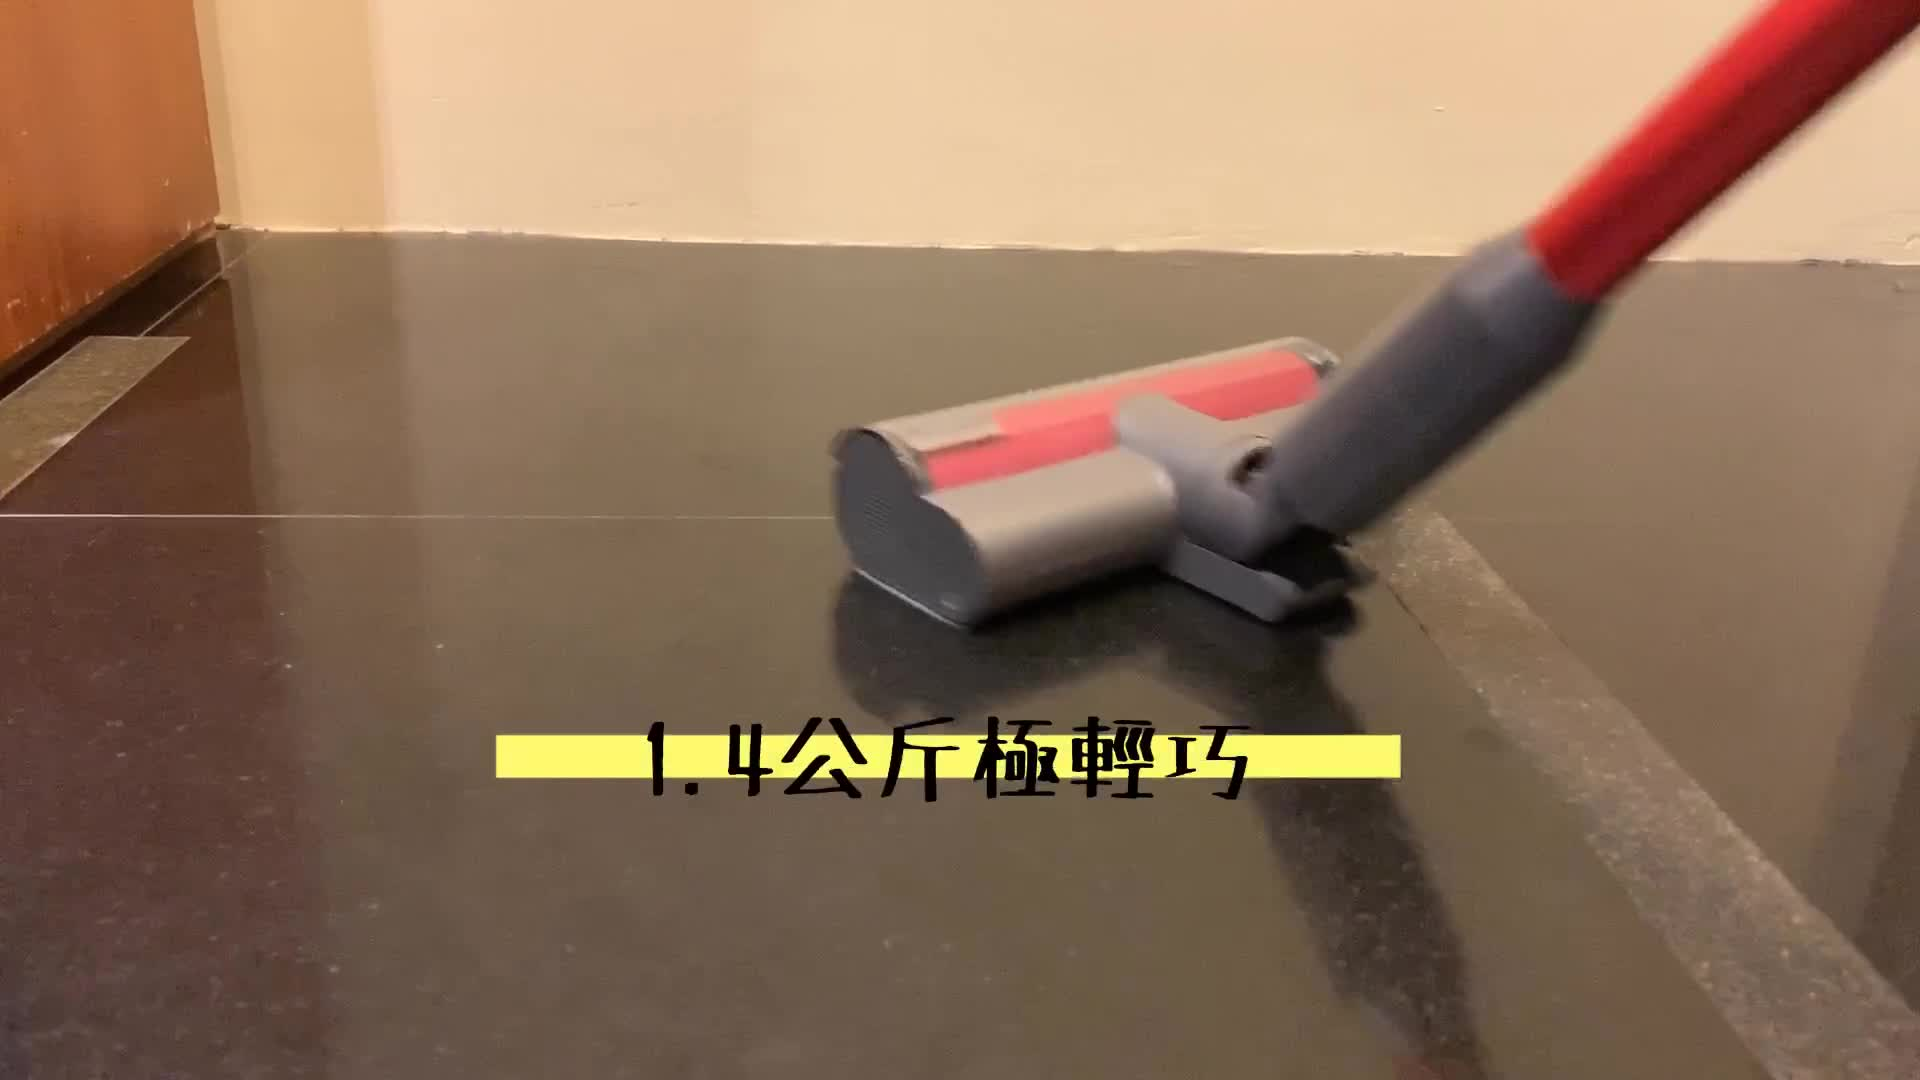 石頭首款吸塵器頂級配備全上身 實測吸力好驚人